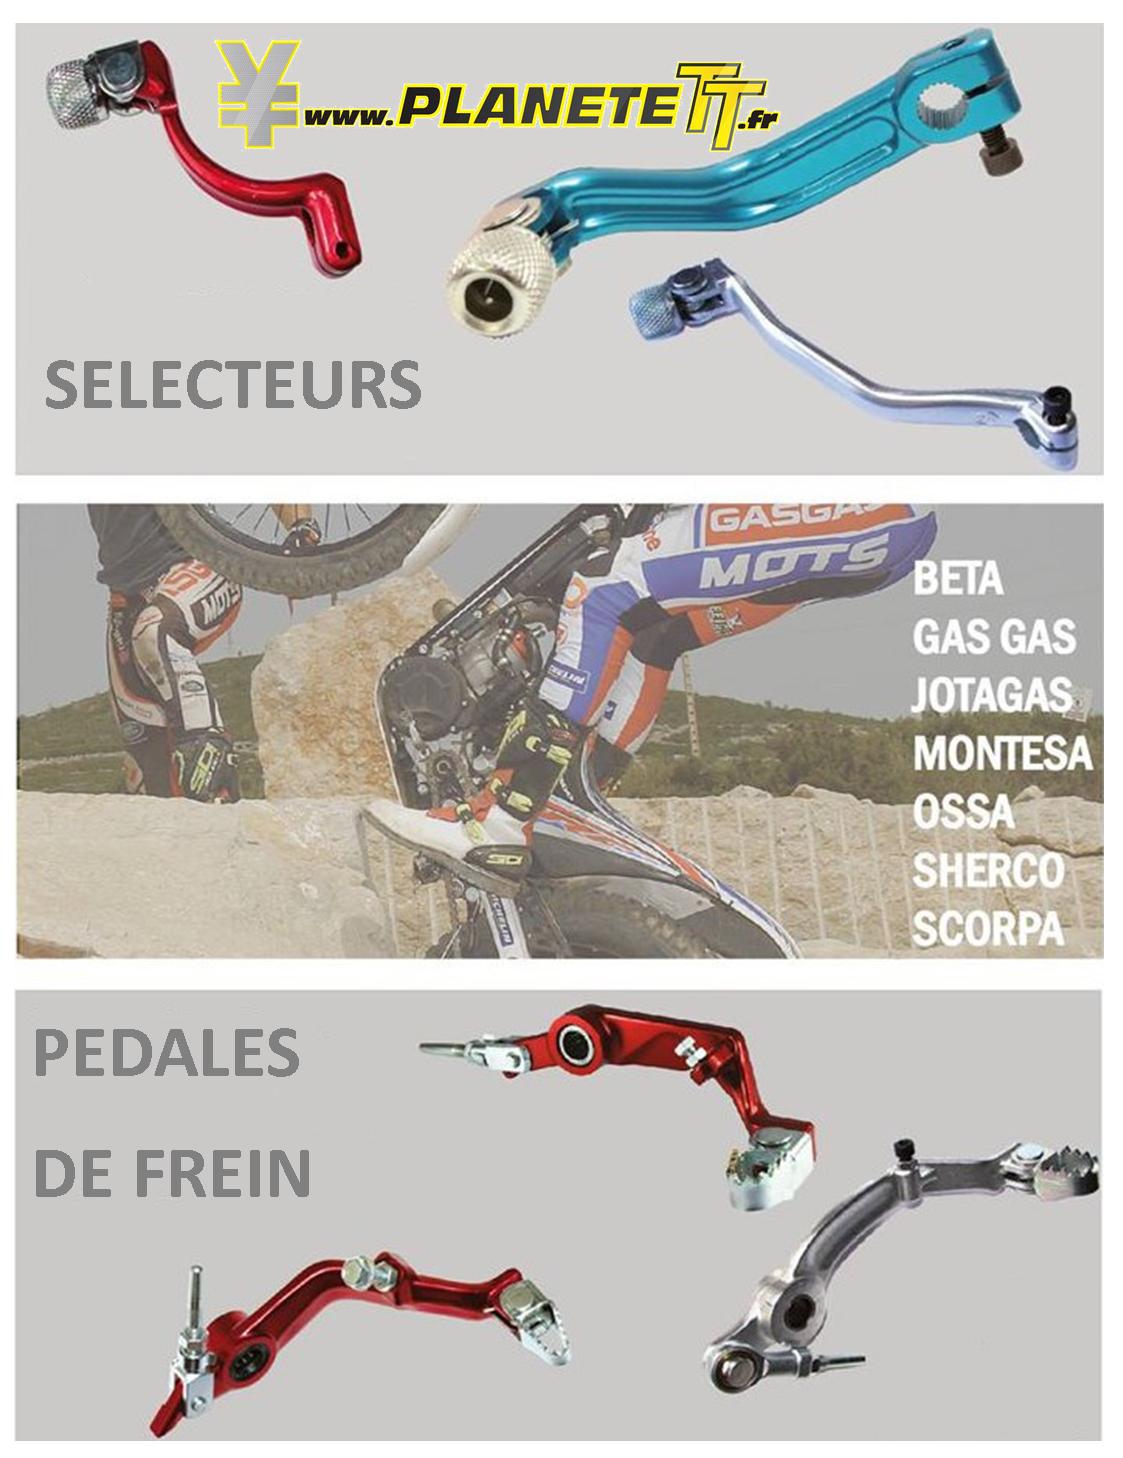 visuel_selecteur_pedale_de_frein_.png